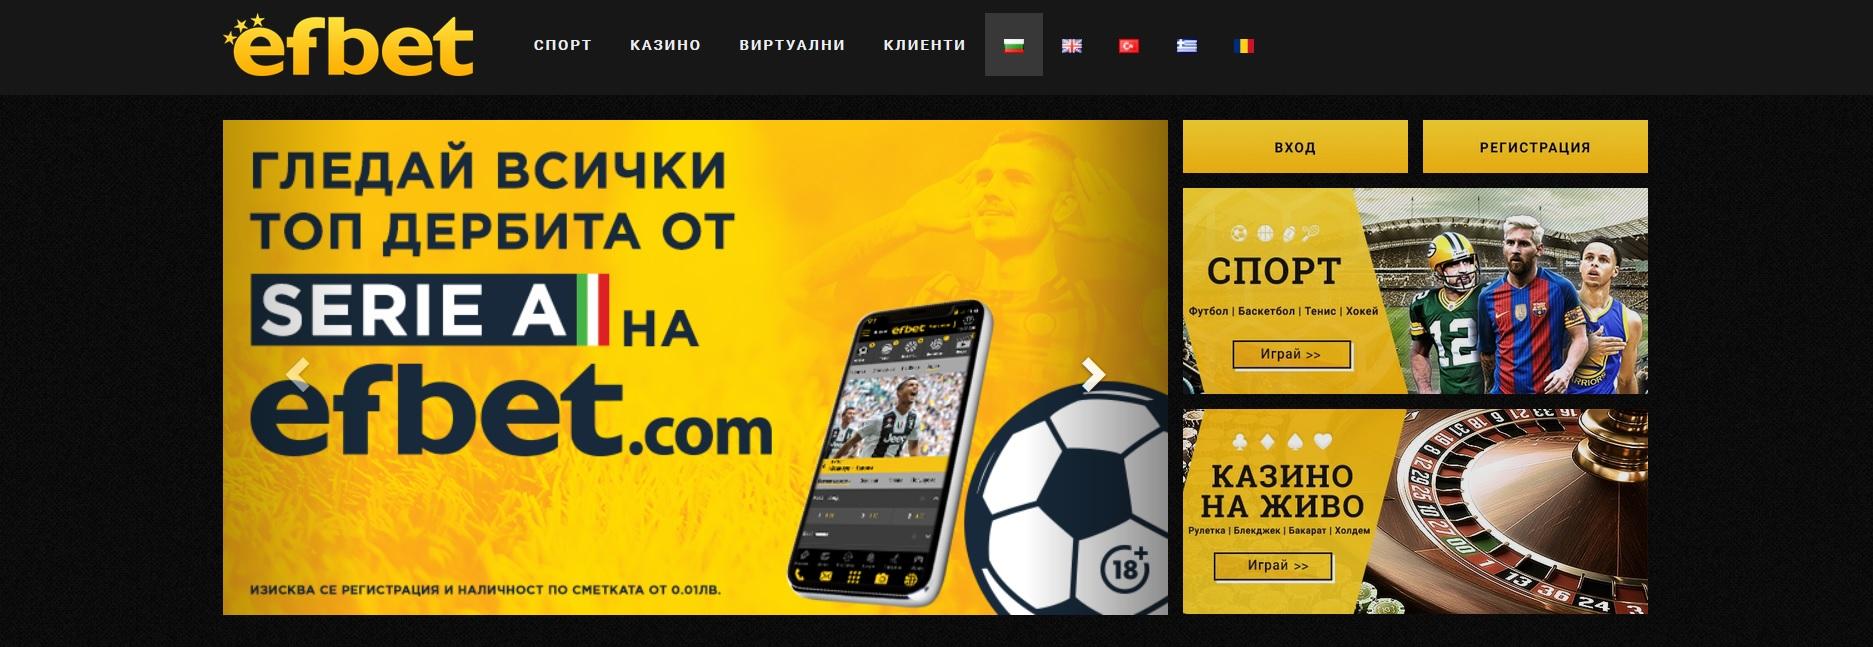 Efbet - homepage